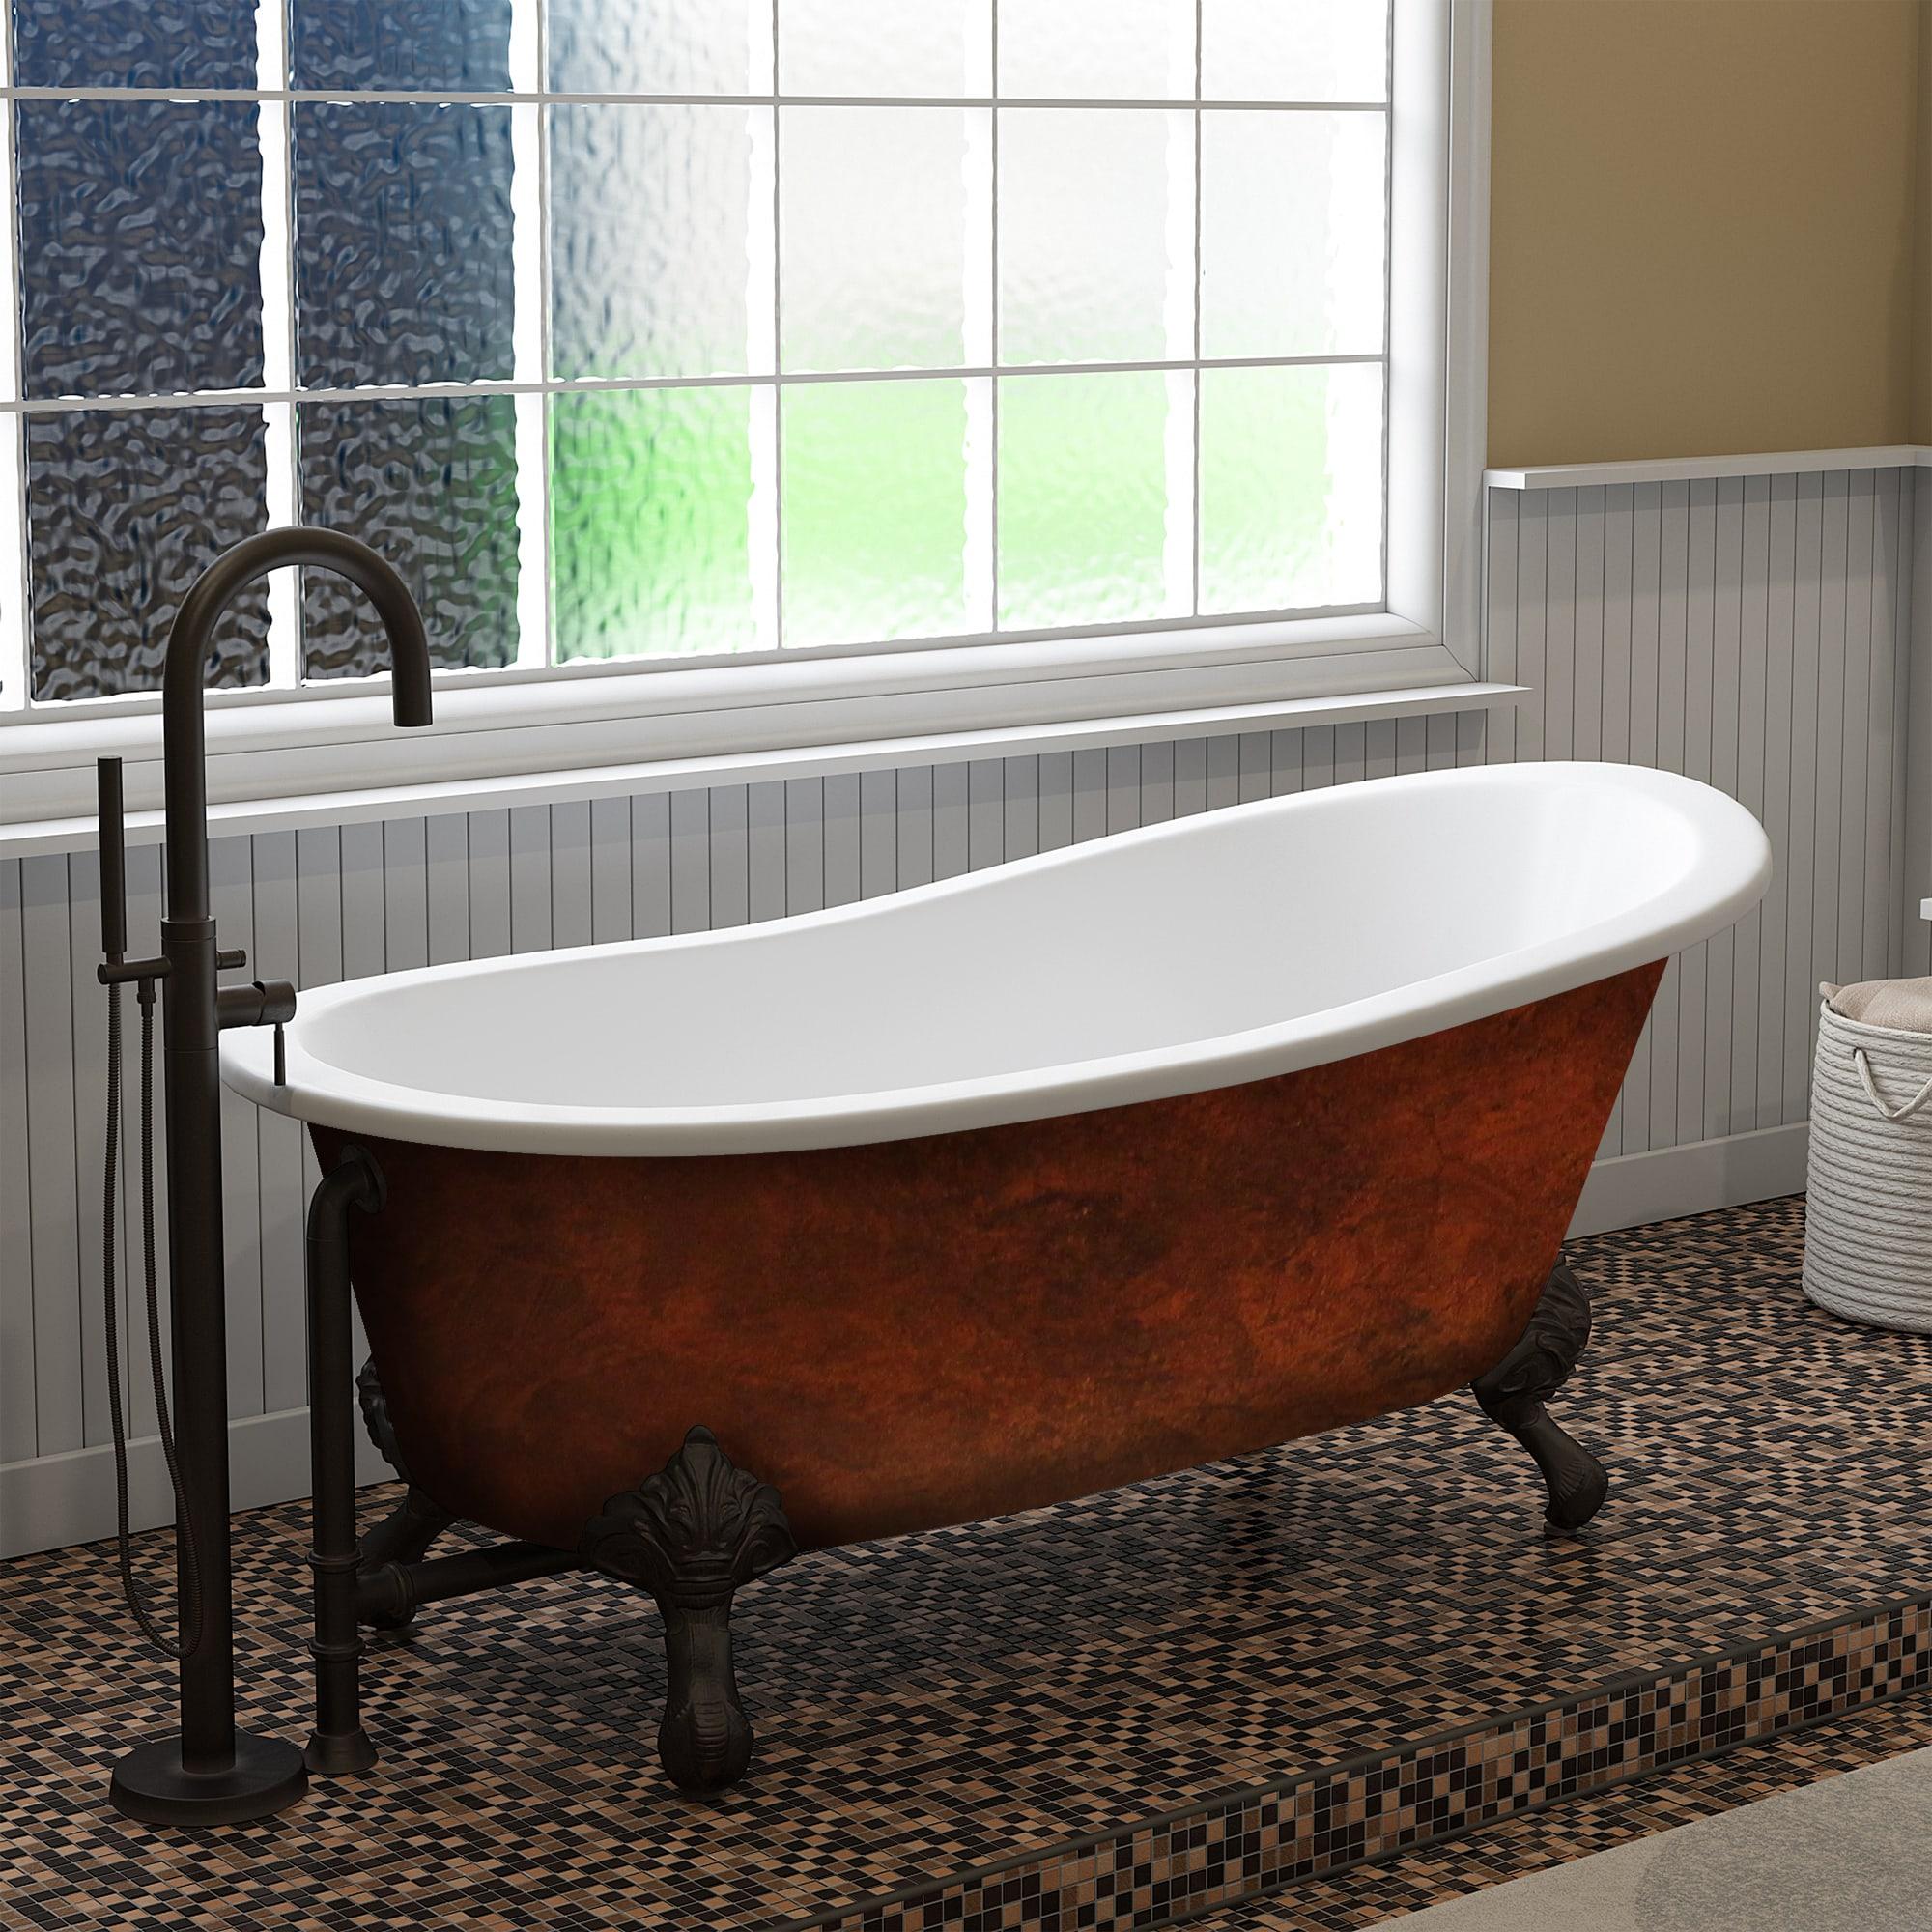 Cast Iron, Clawfoot, Slipper Tub, Copper Bronze Clawfoot Tub,